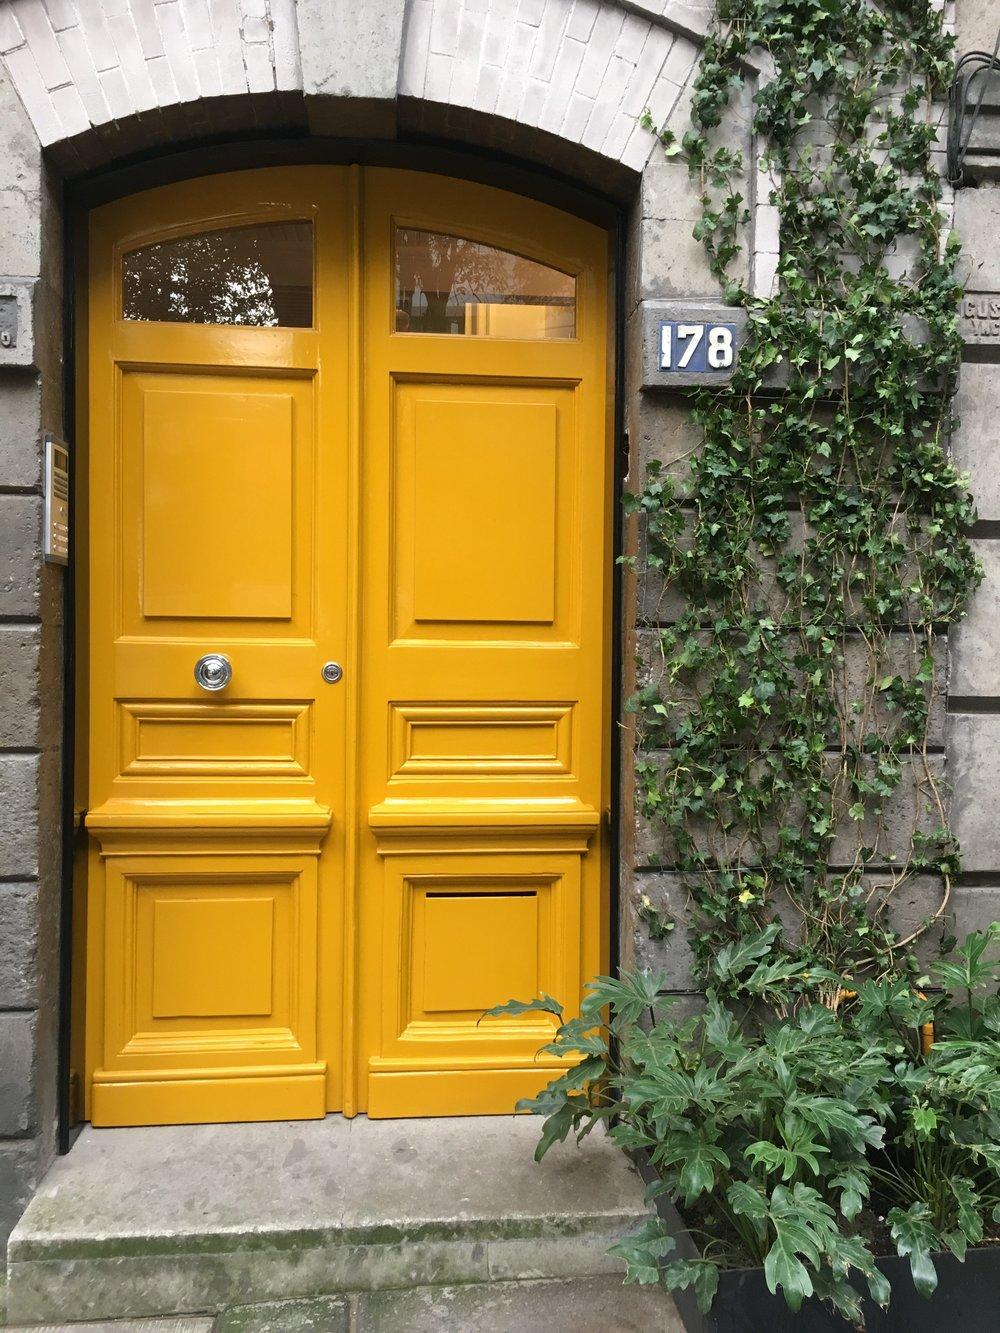 Cute yellow door in La Condesa